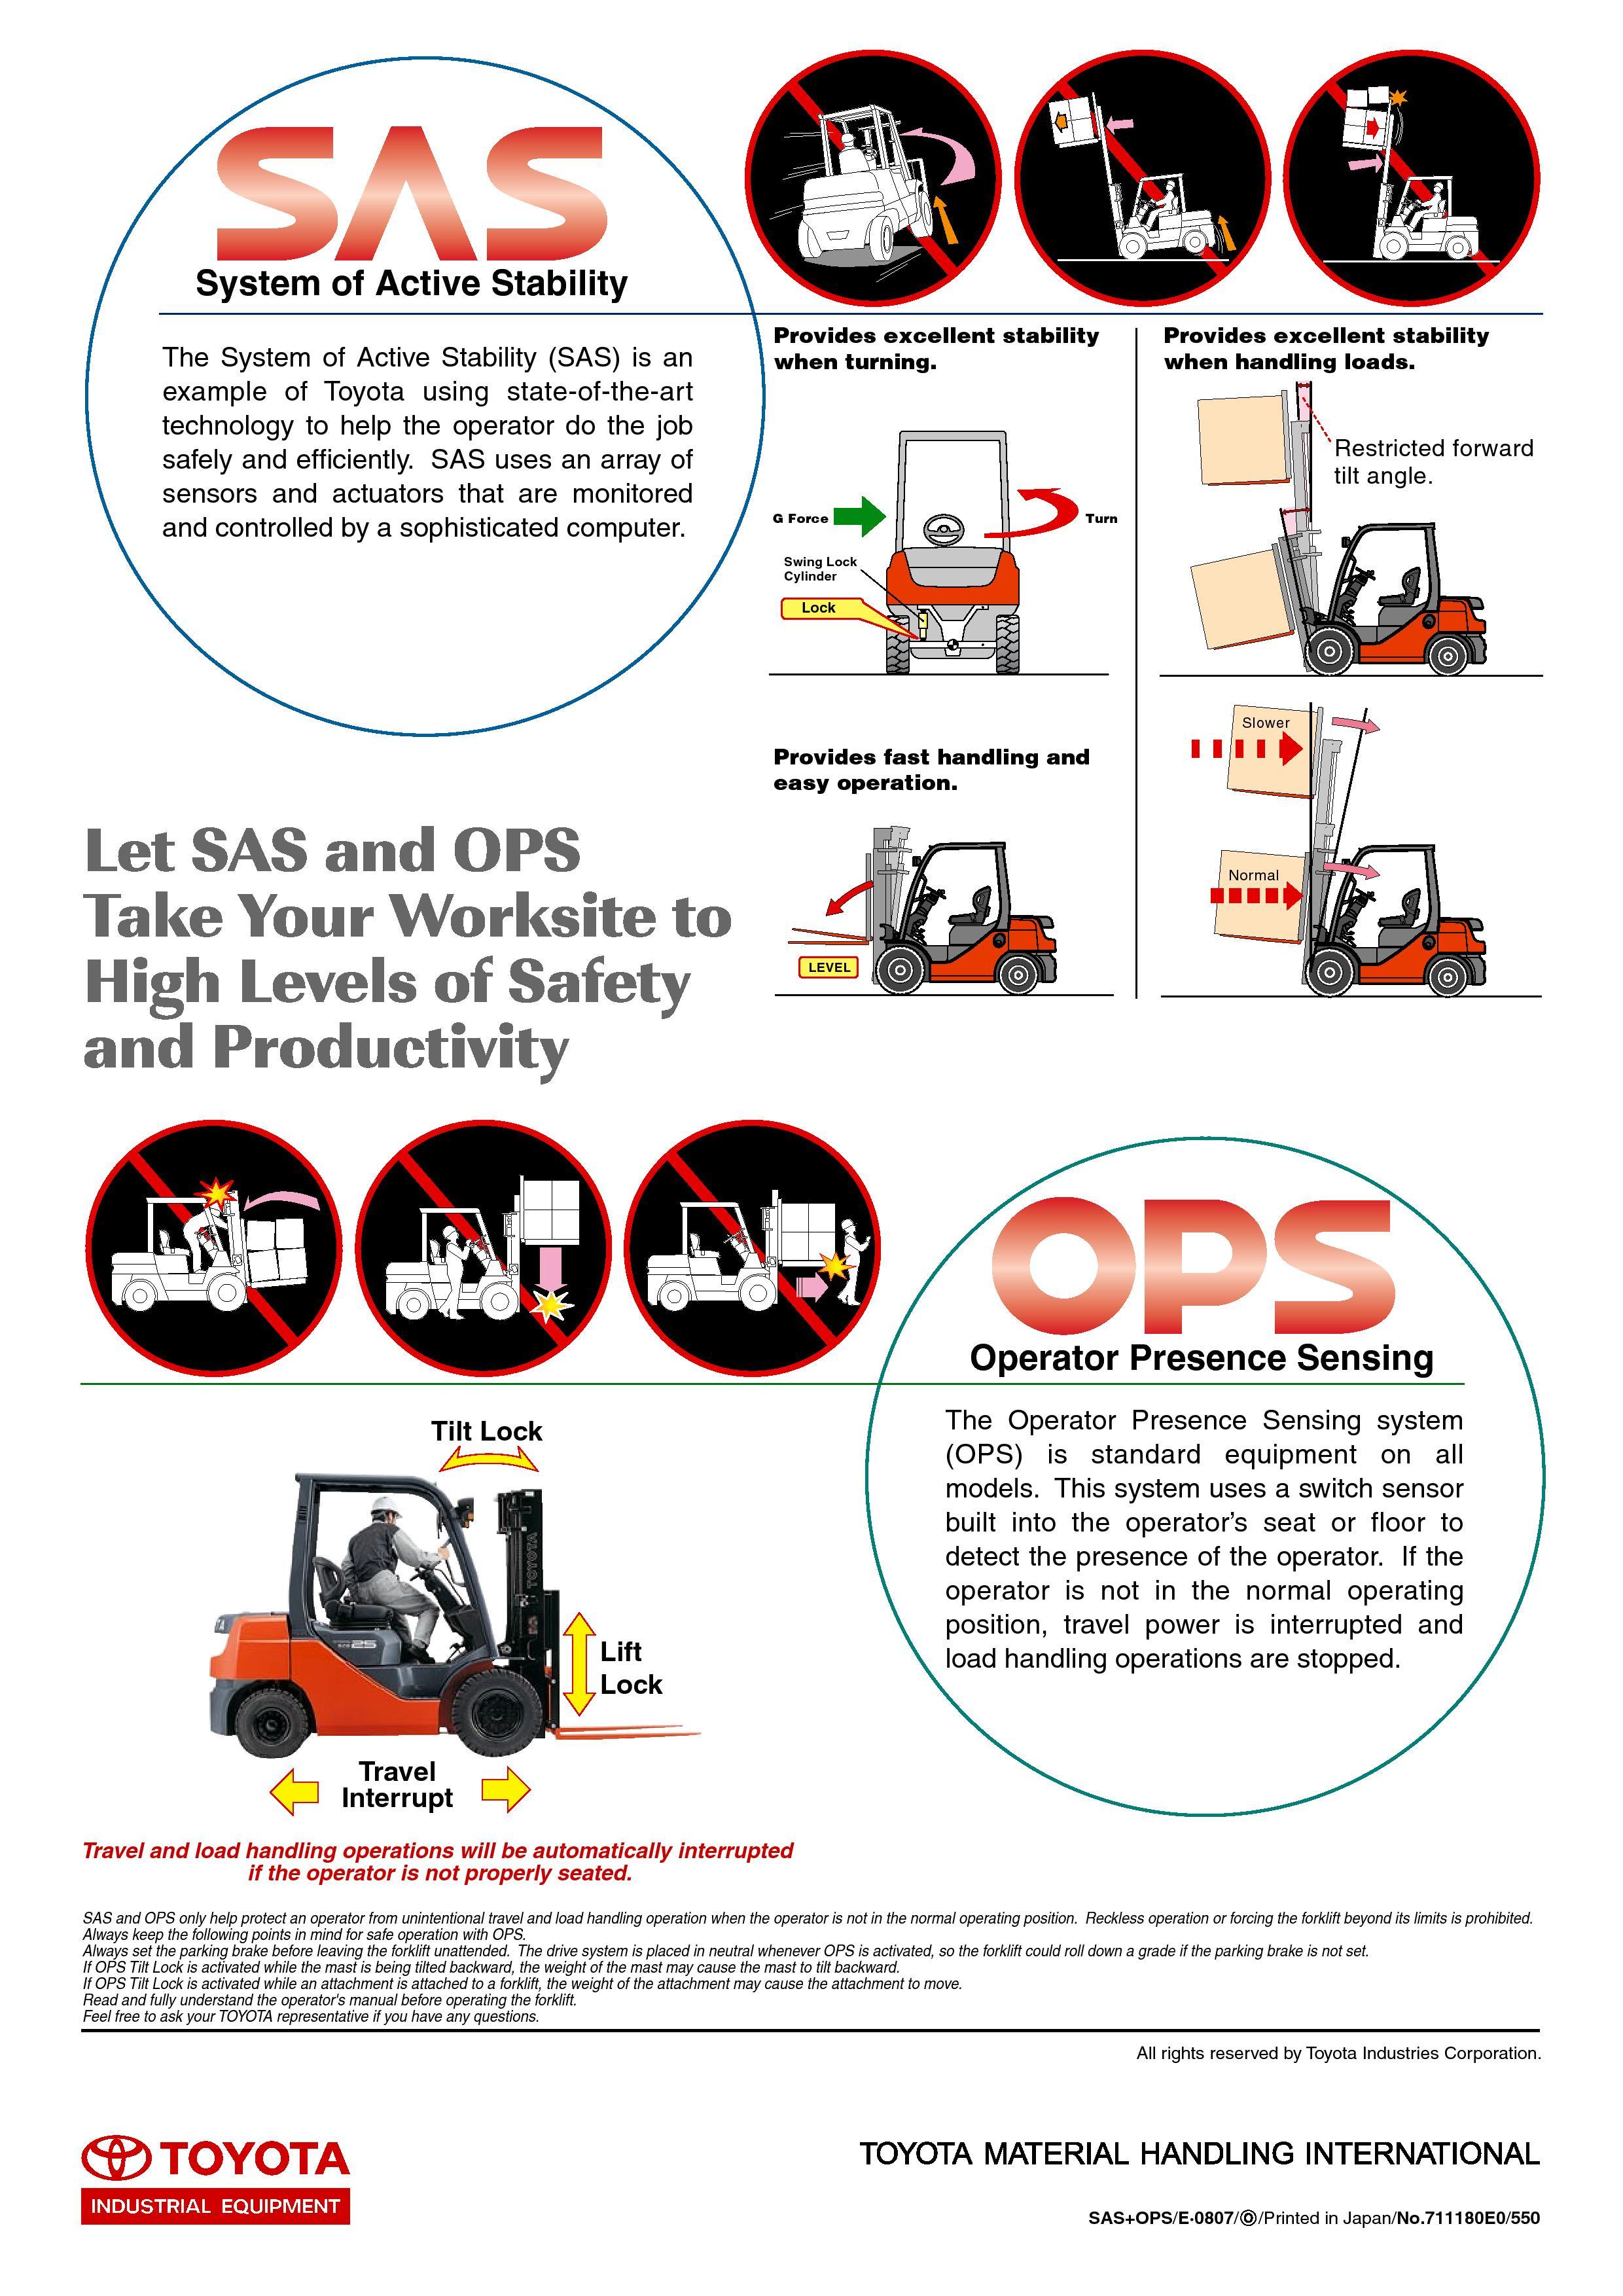 Cơ chế hoạt động của SAS và OPS